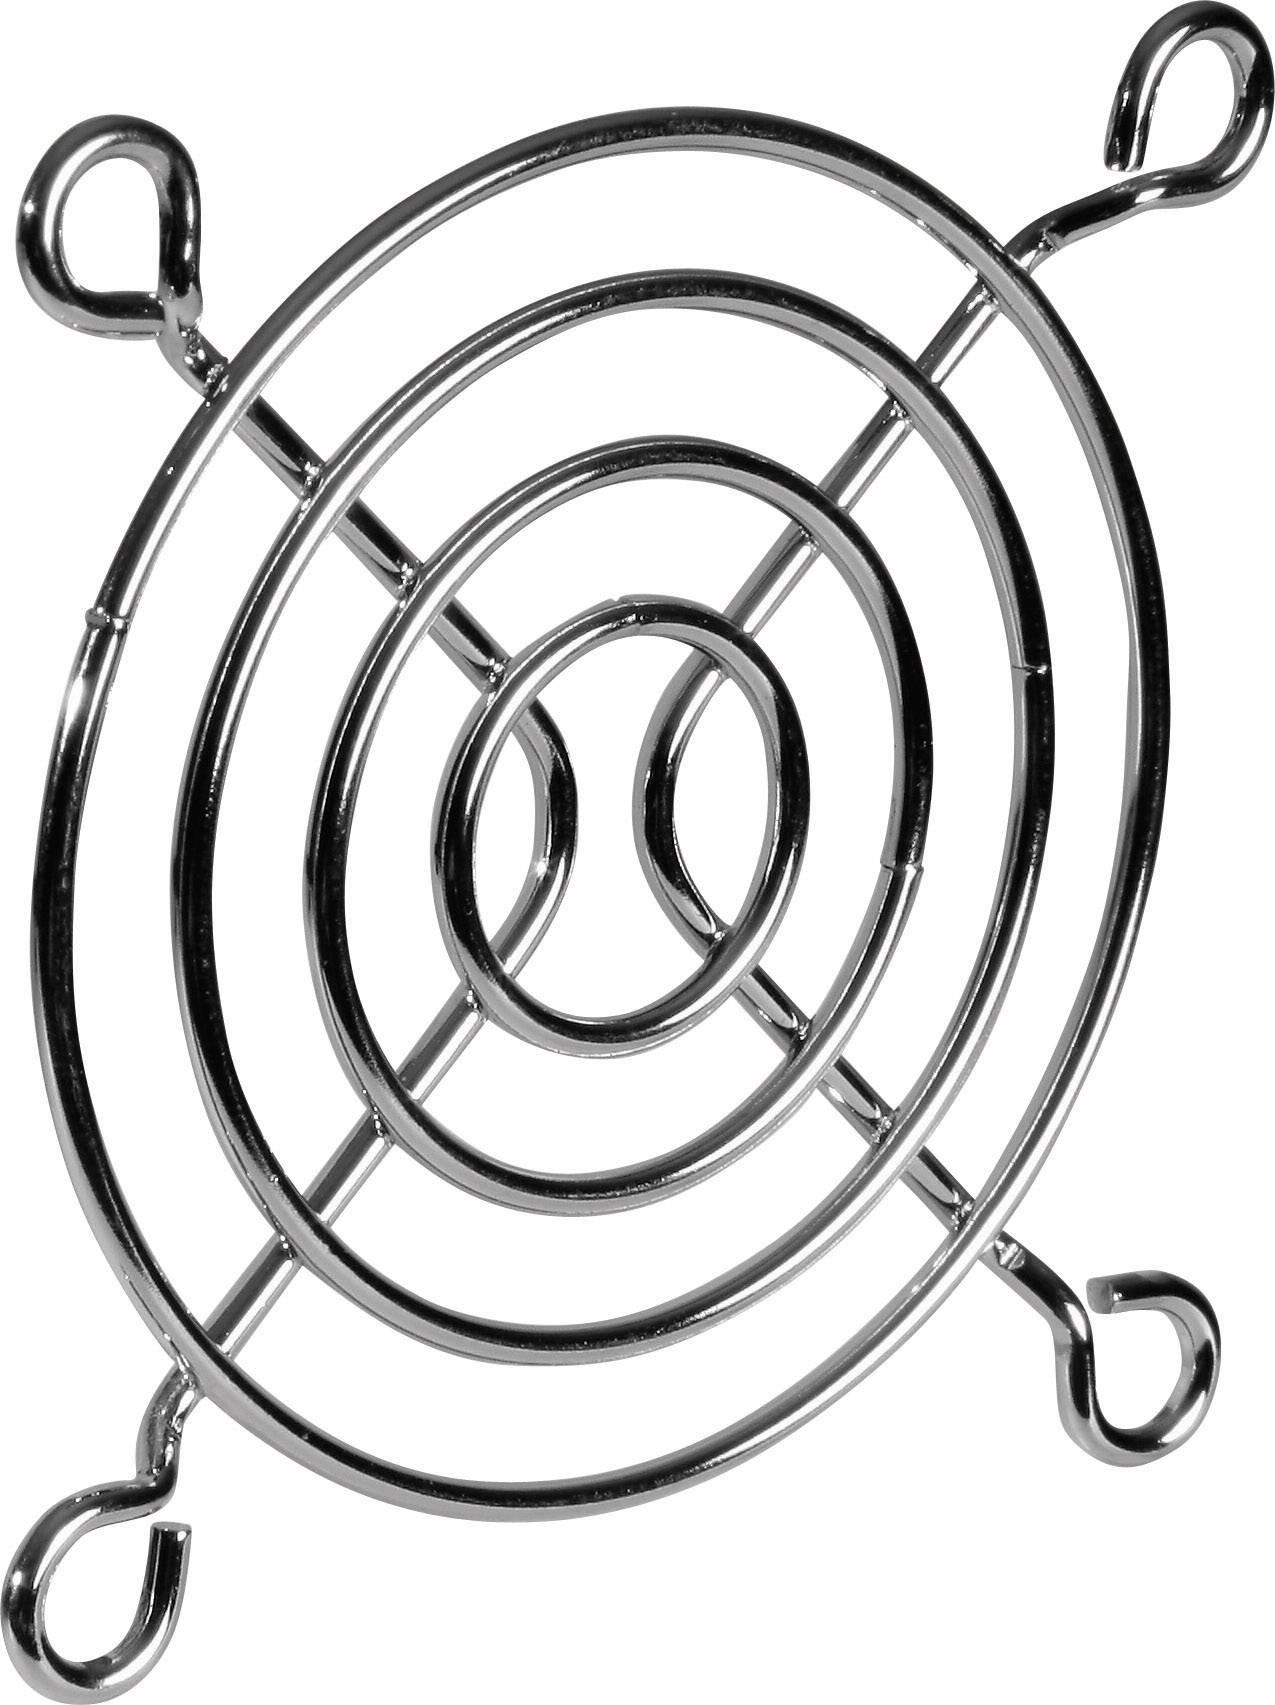 Ochranná mřížka ventilátoru SEPA FG30, 30 mm x 30 mm